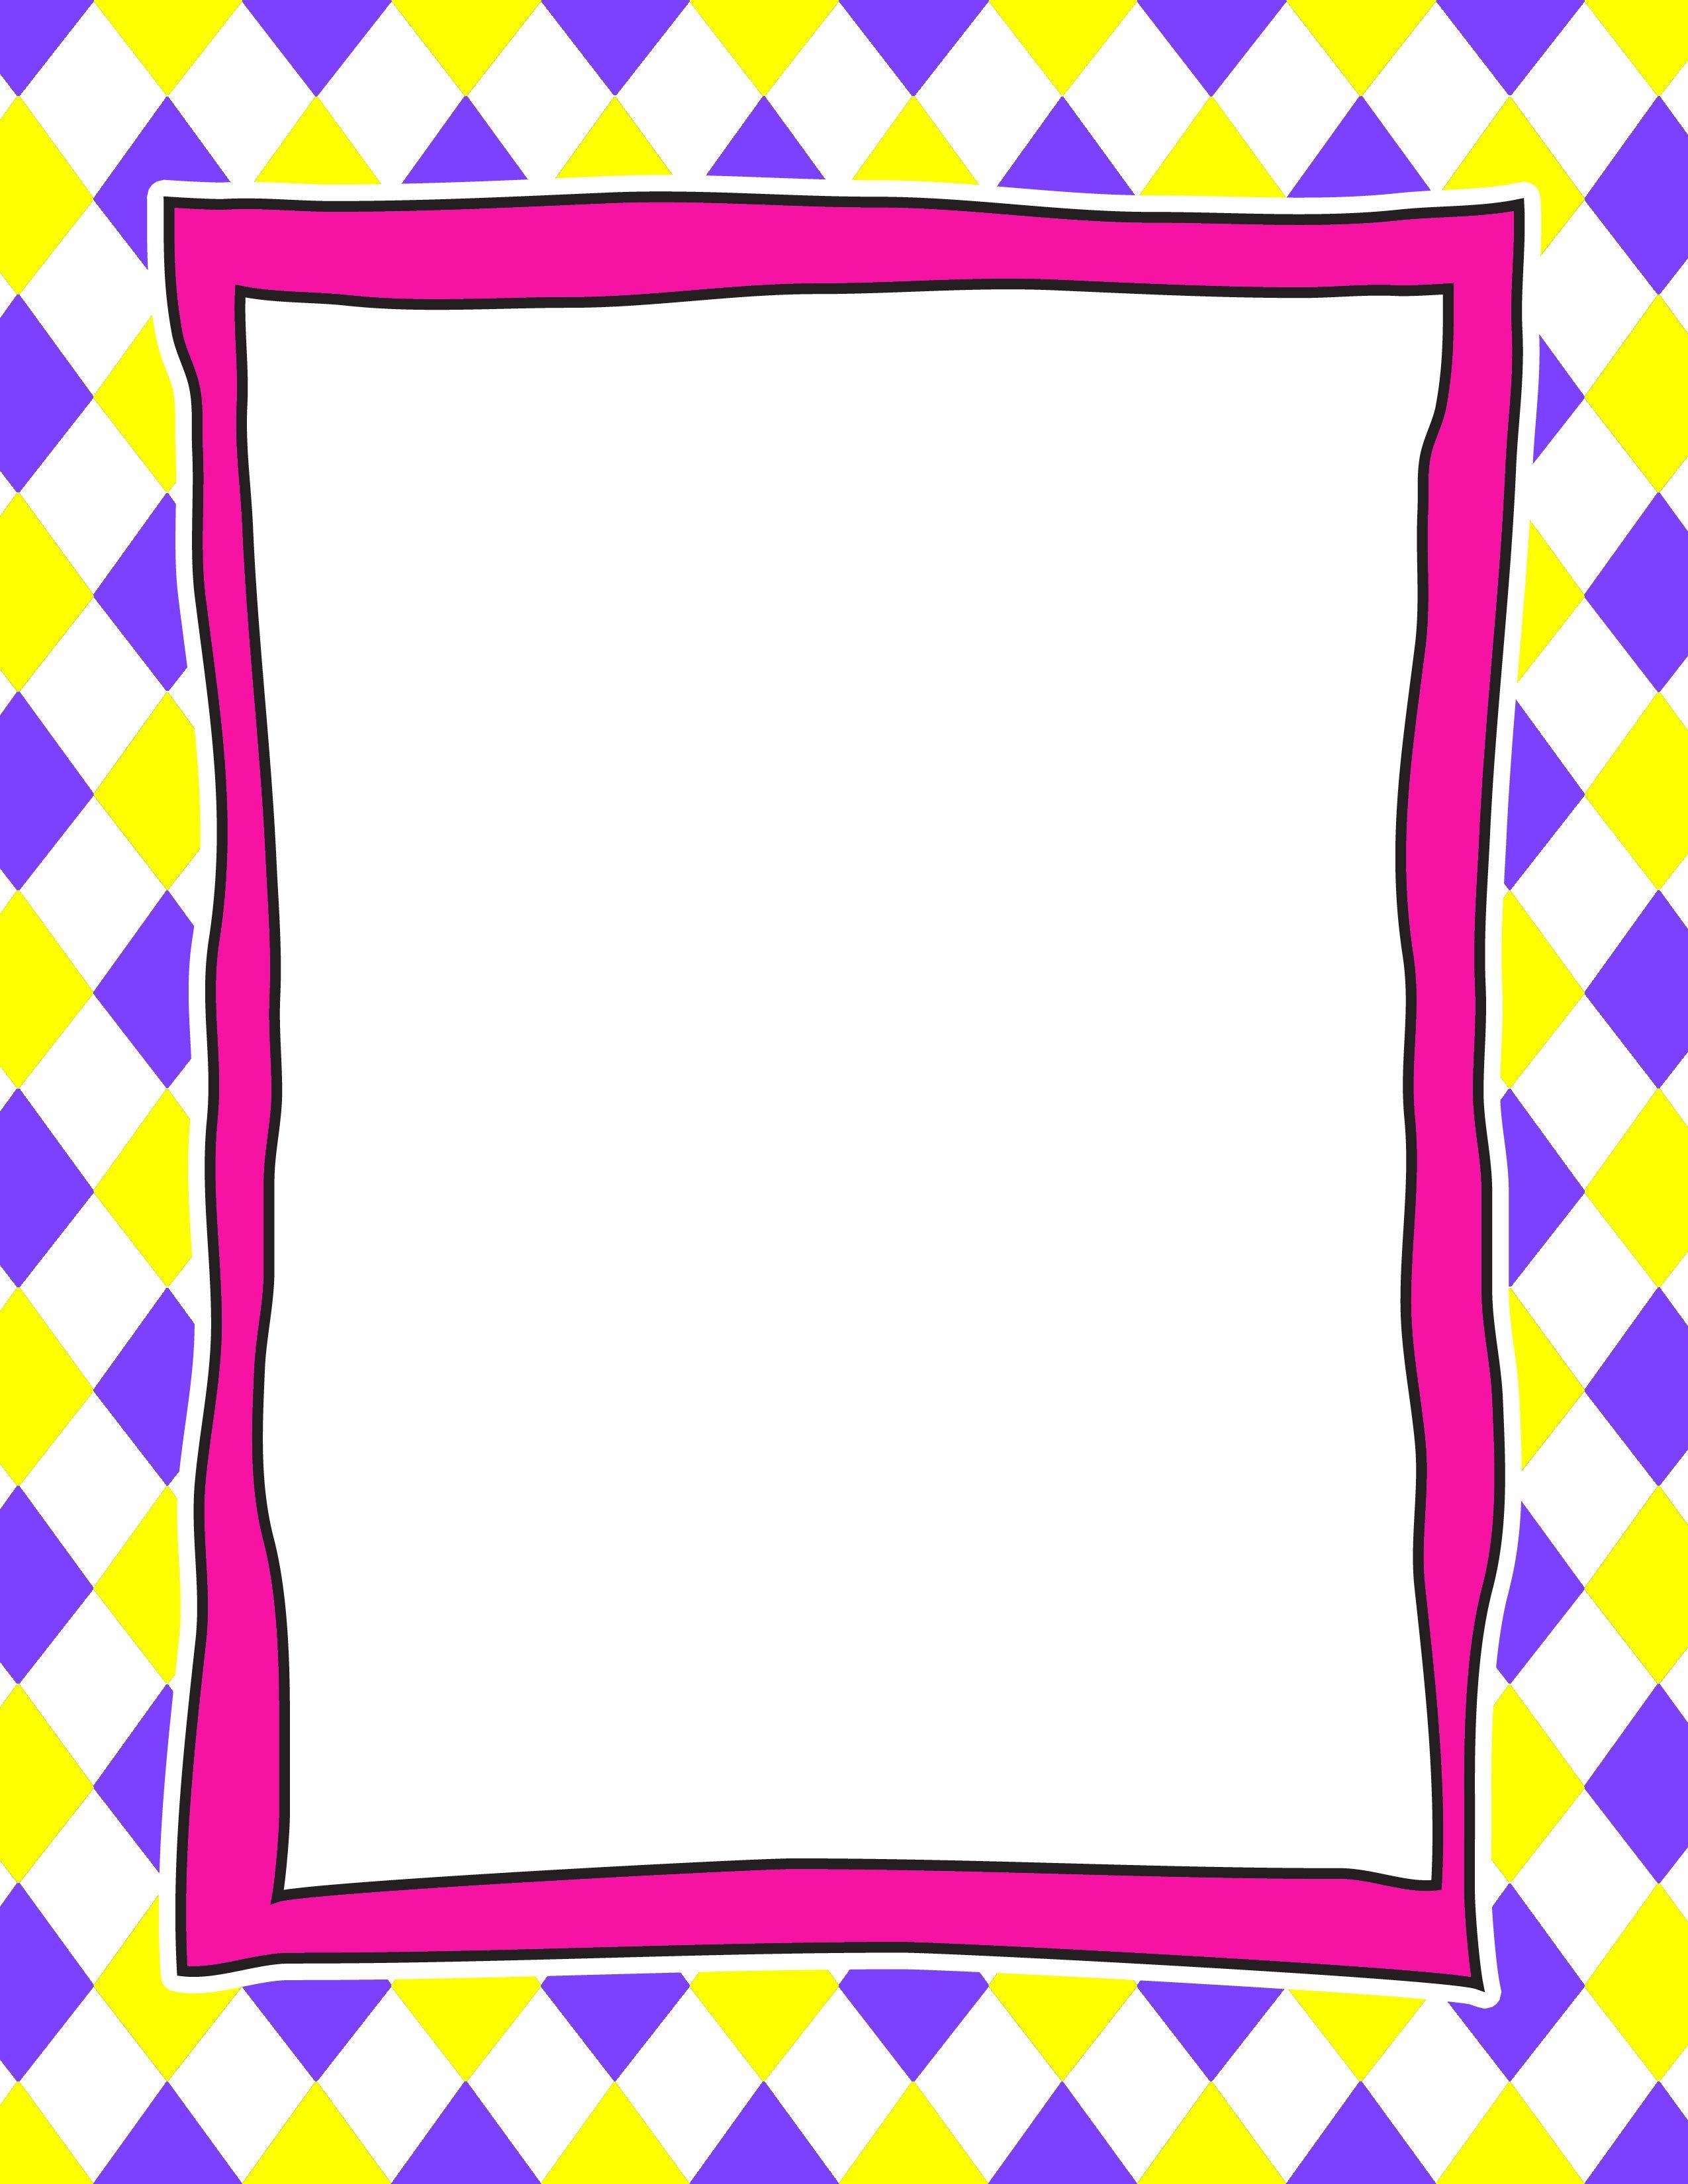 Frame Borders And Frames Letter Stationery Diy Calendar